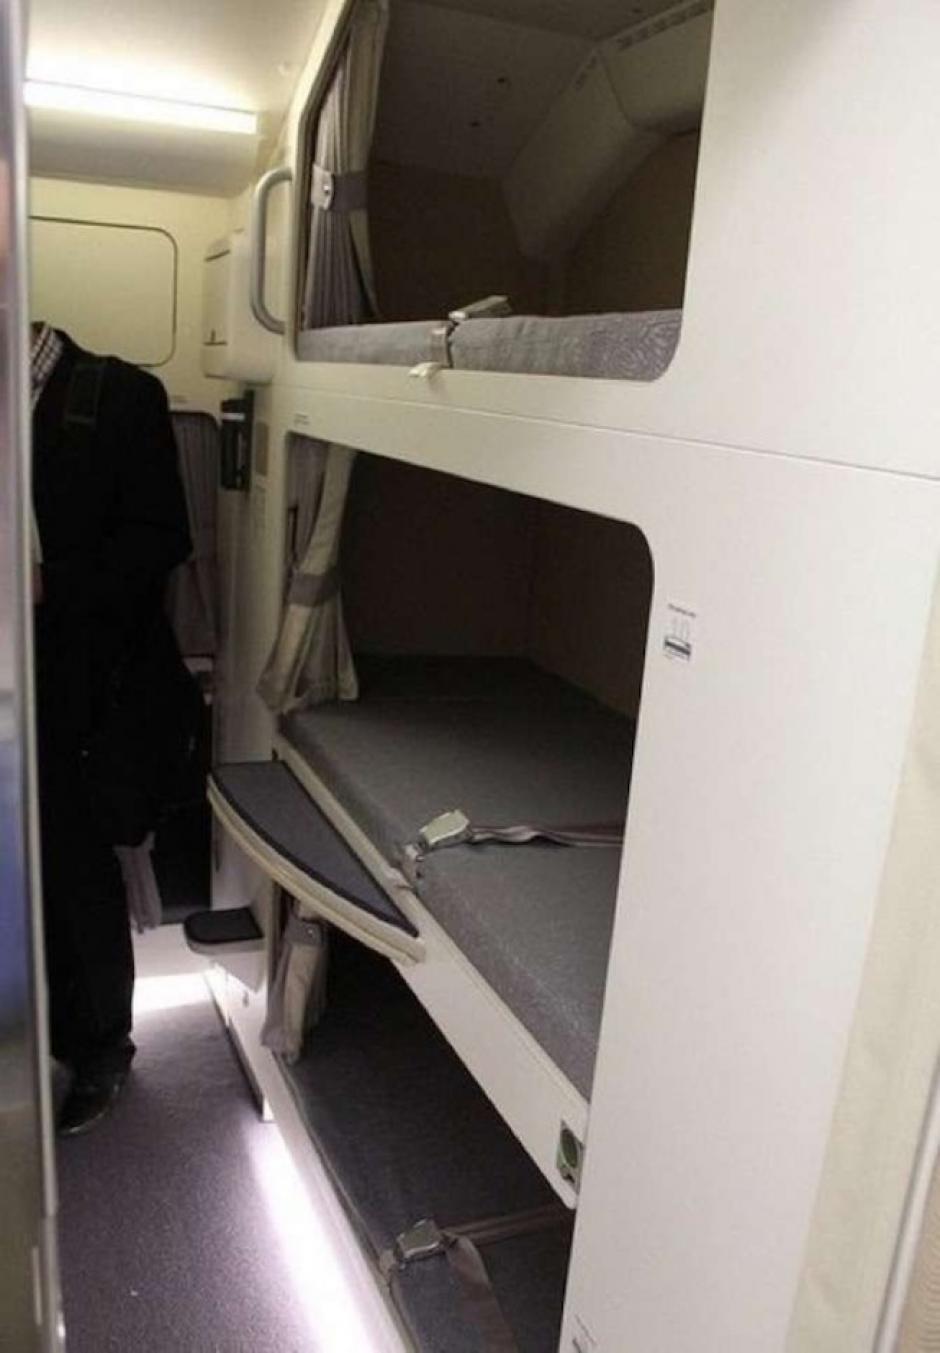 El número de camas depende de la aerolínea. (Foto: The Chive)